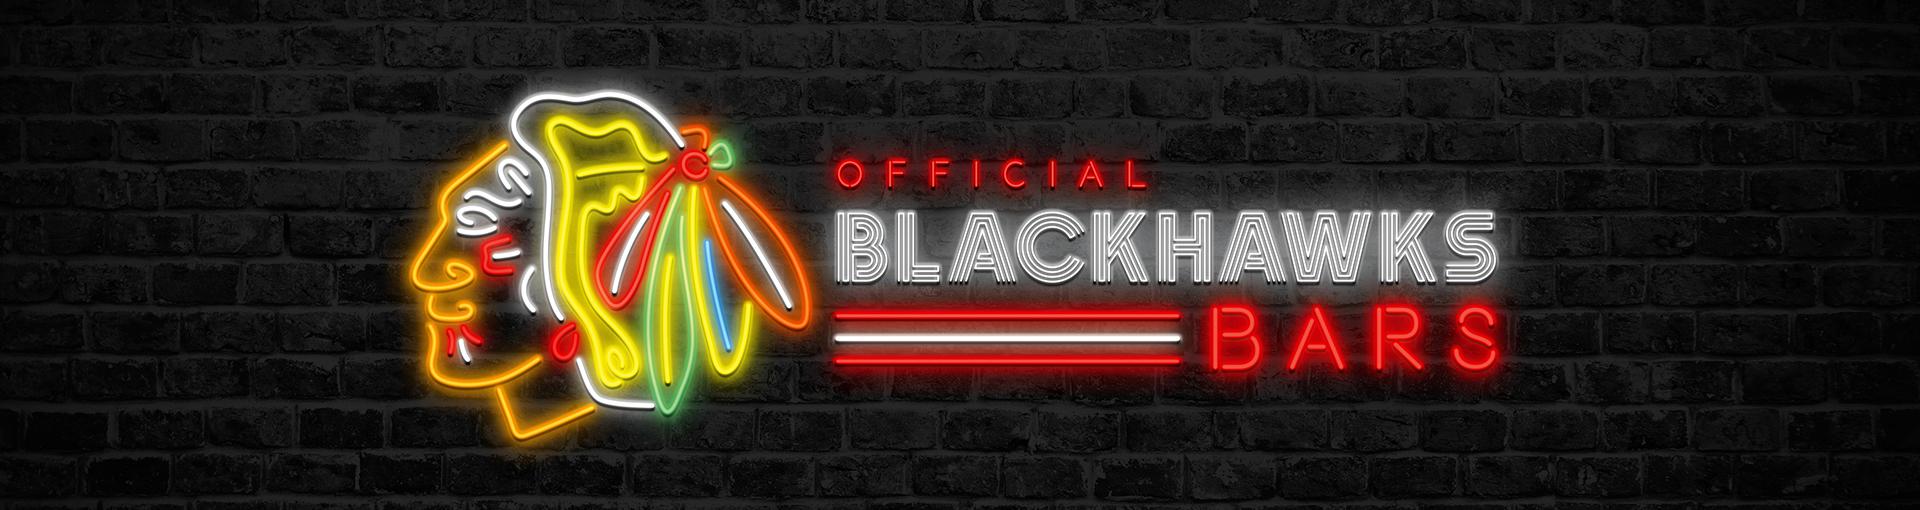 https://www.champslakegeneva.com/wp-content/uploads/2018/01/official-blackhawks-bars-16x9-1.jpg